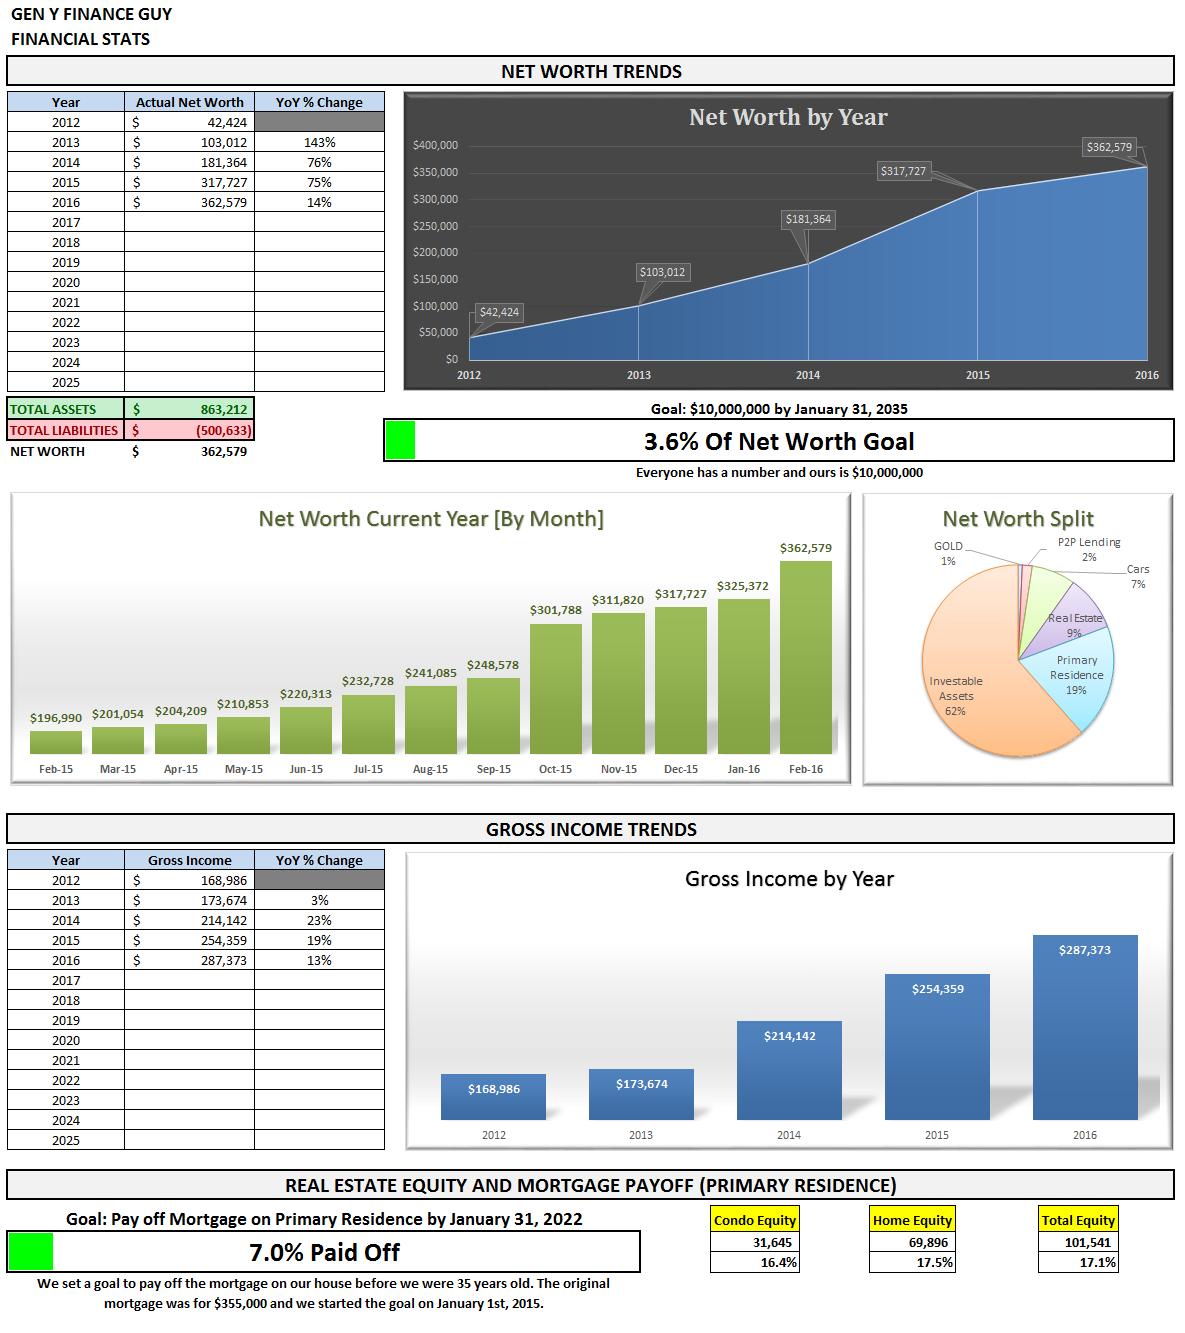 February 2016 Financial Stats Summary